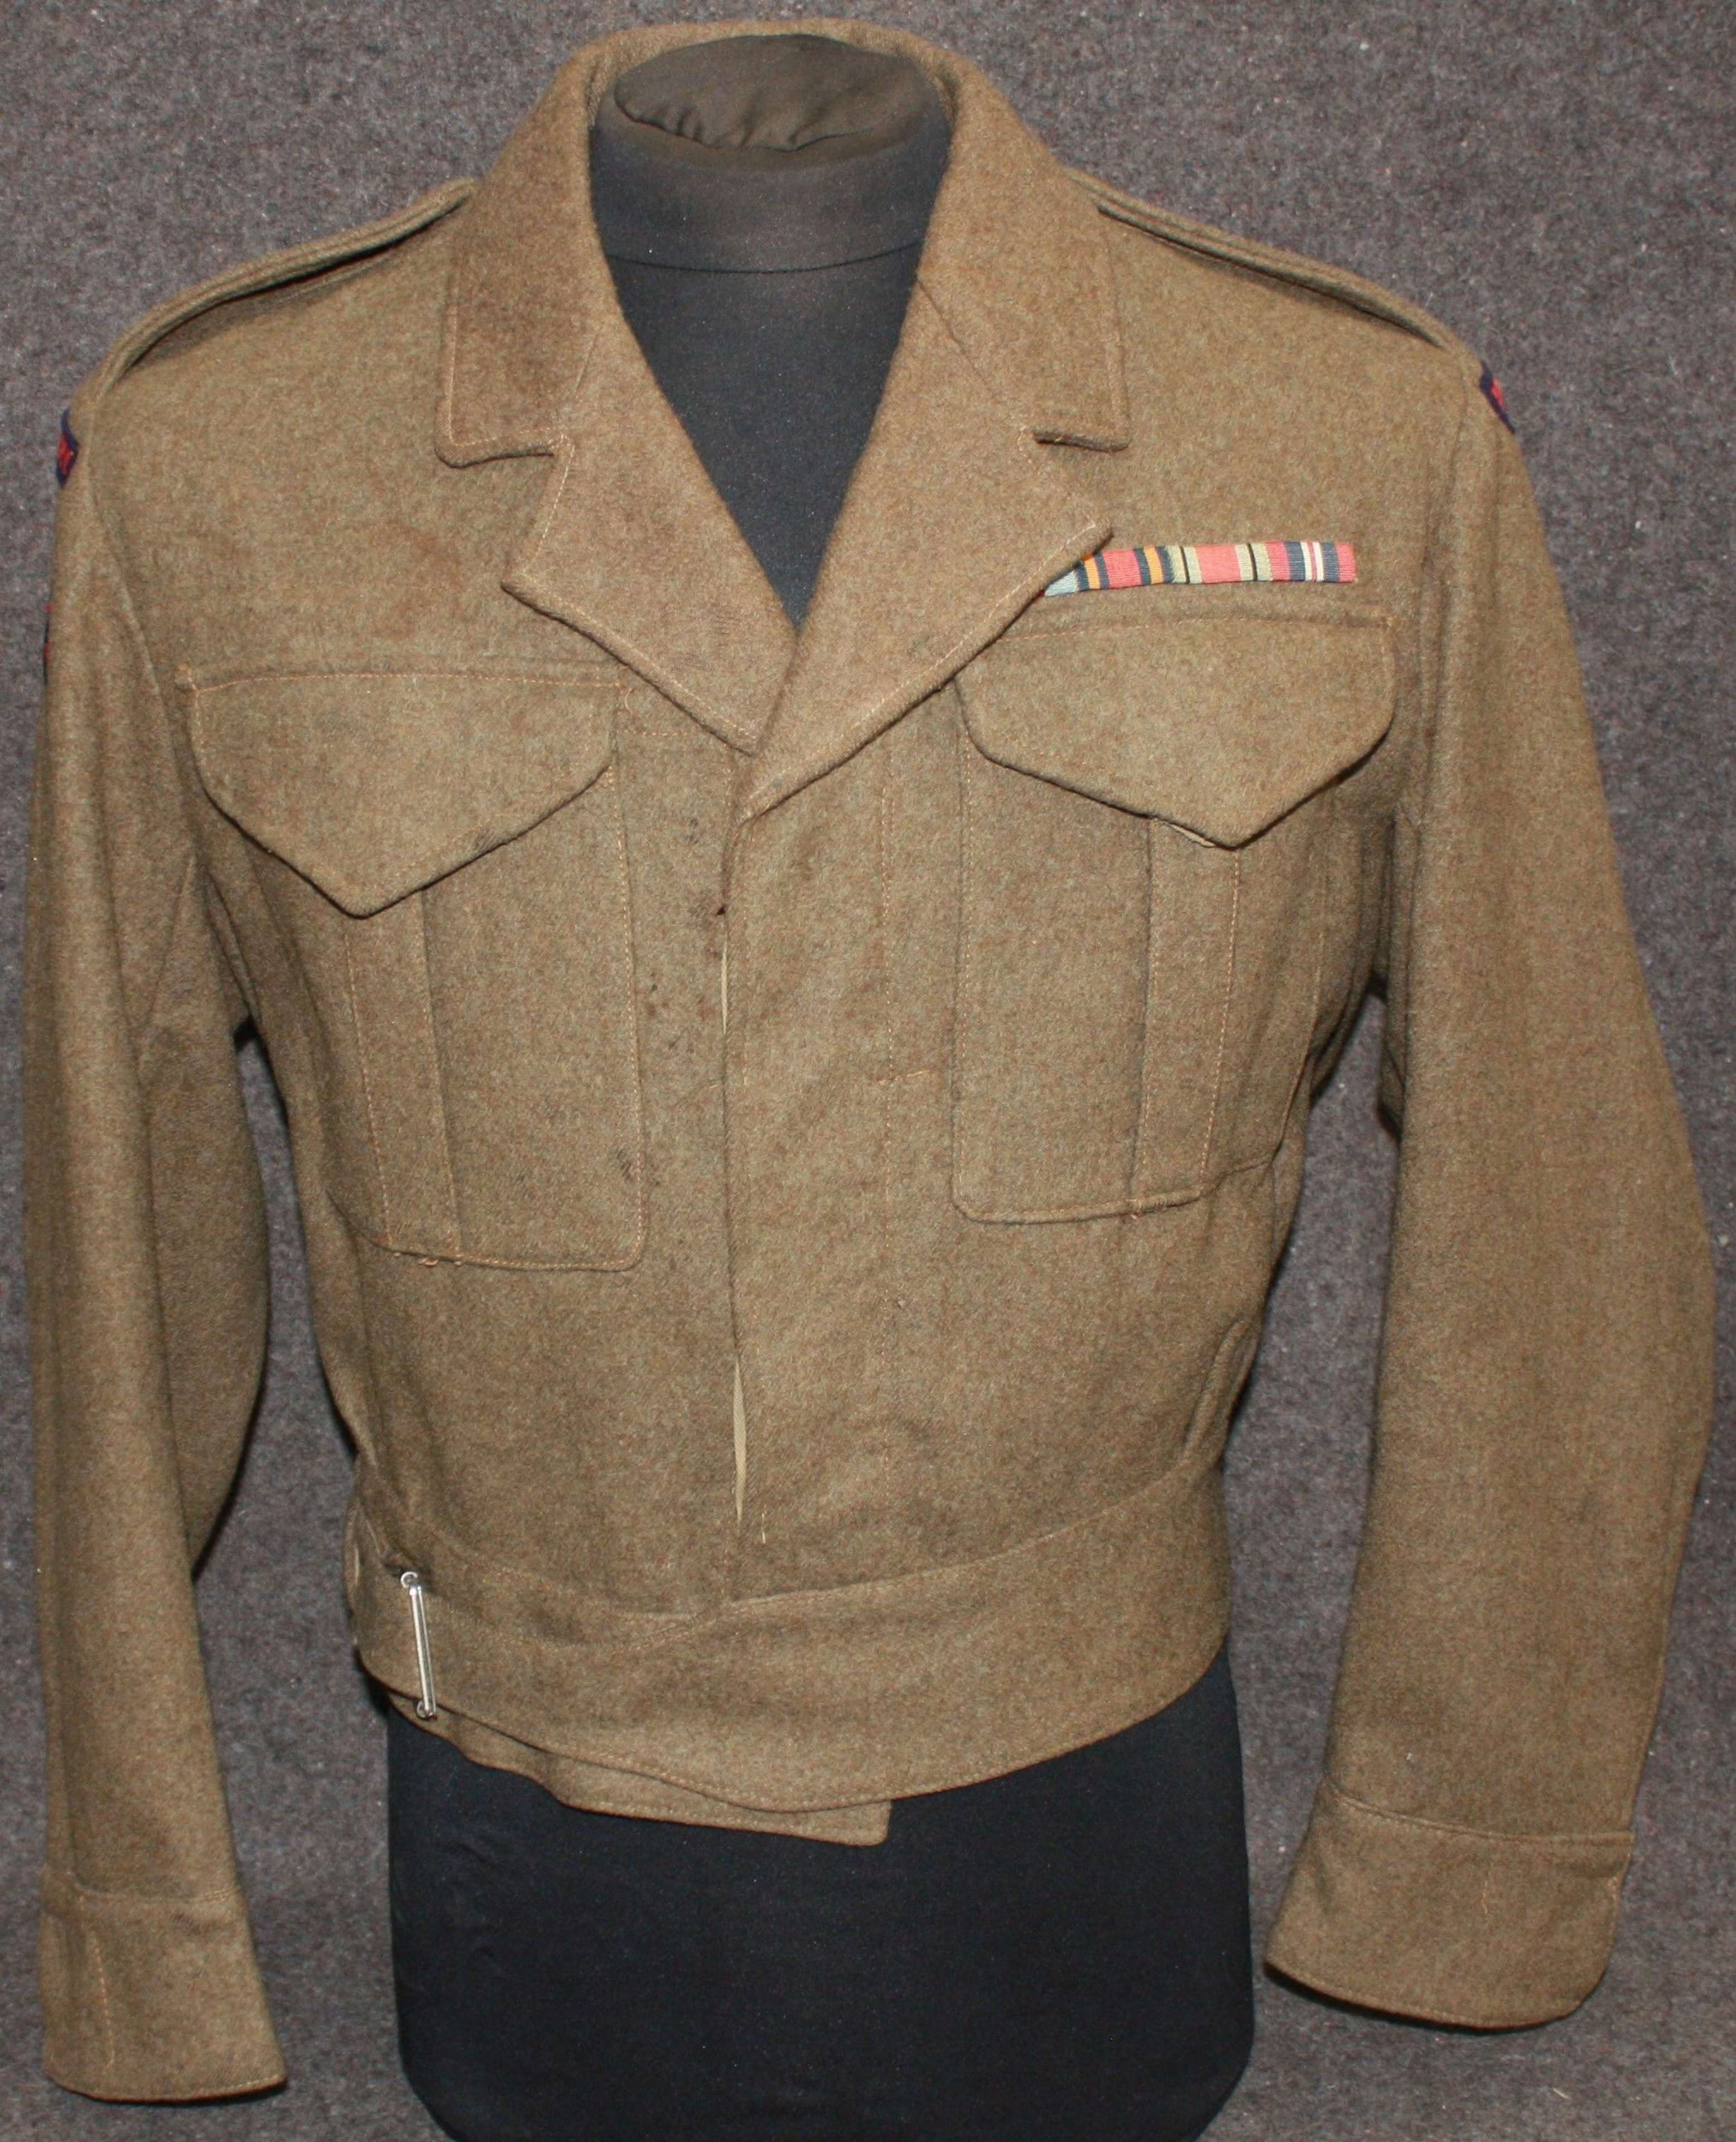 33rdFIELD REGT ROYAL ARTILLERYBATTLE DRESS BLOUSE ( SERGE )